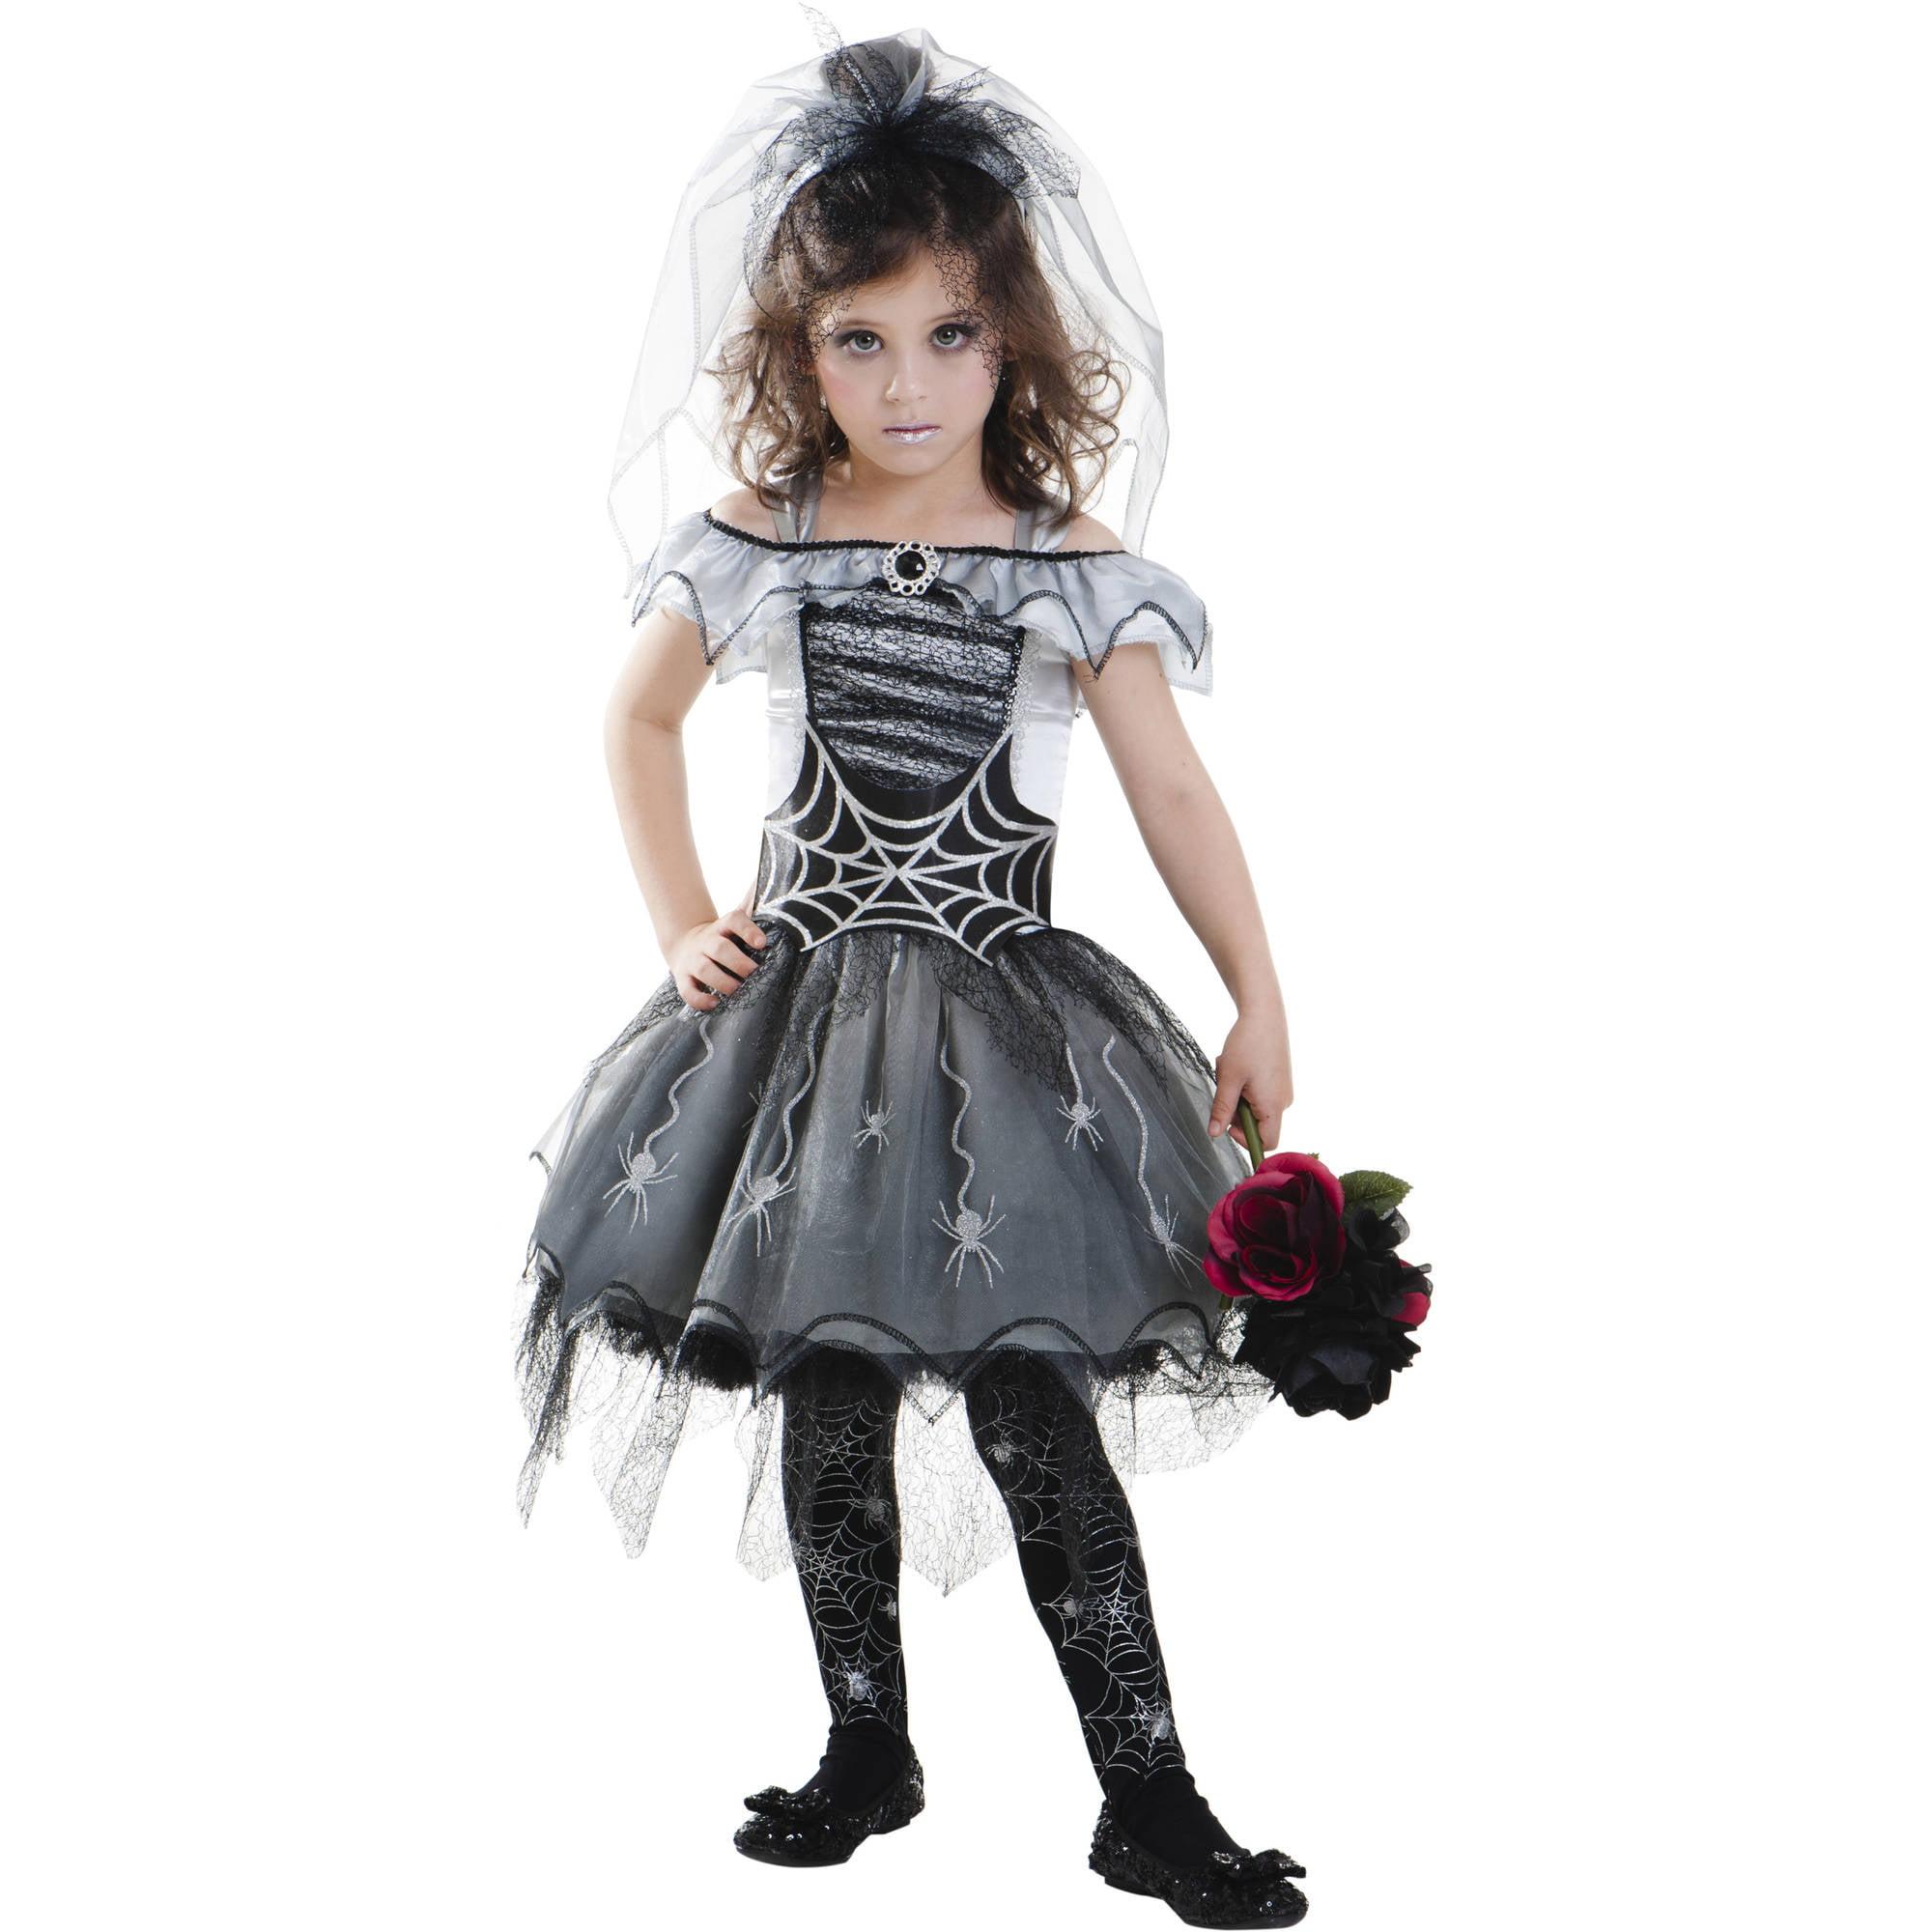 sc 1 st  Walmart & Gothic Spider Bride Child Halloween Costume - Walmart.com